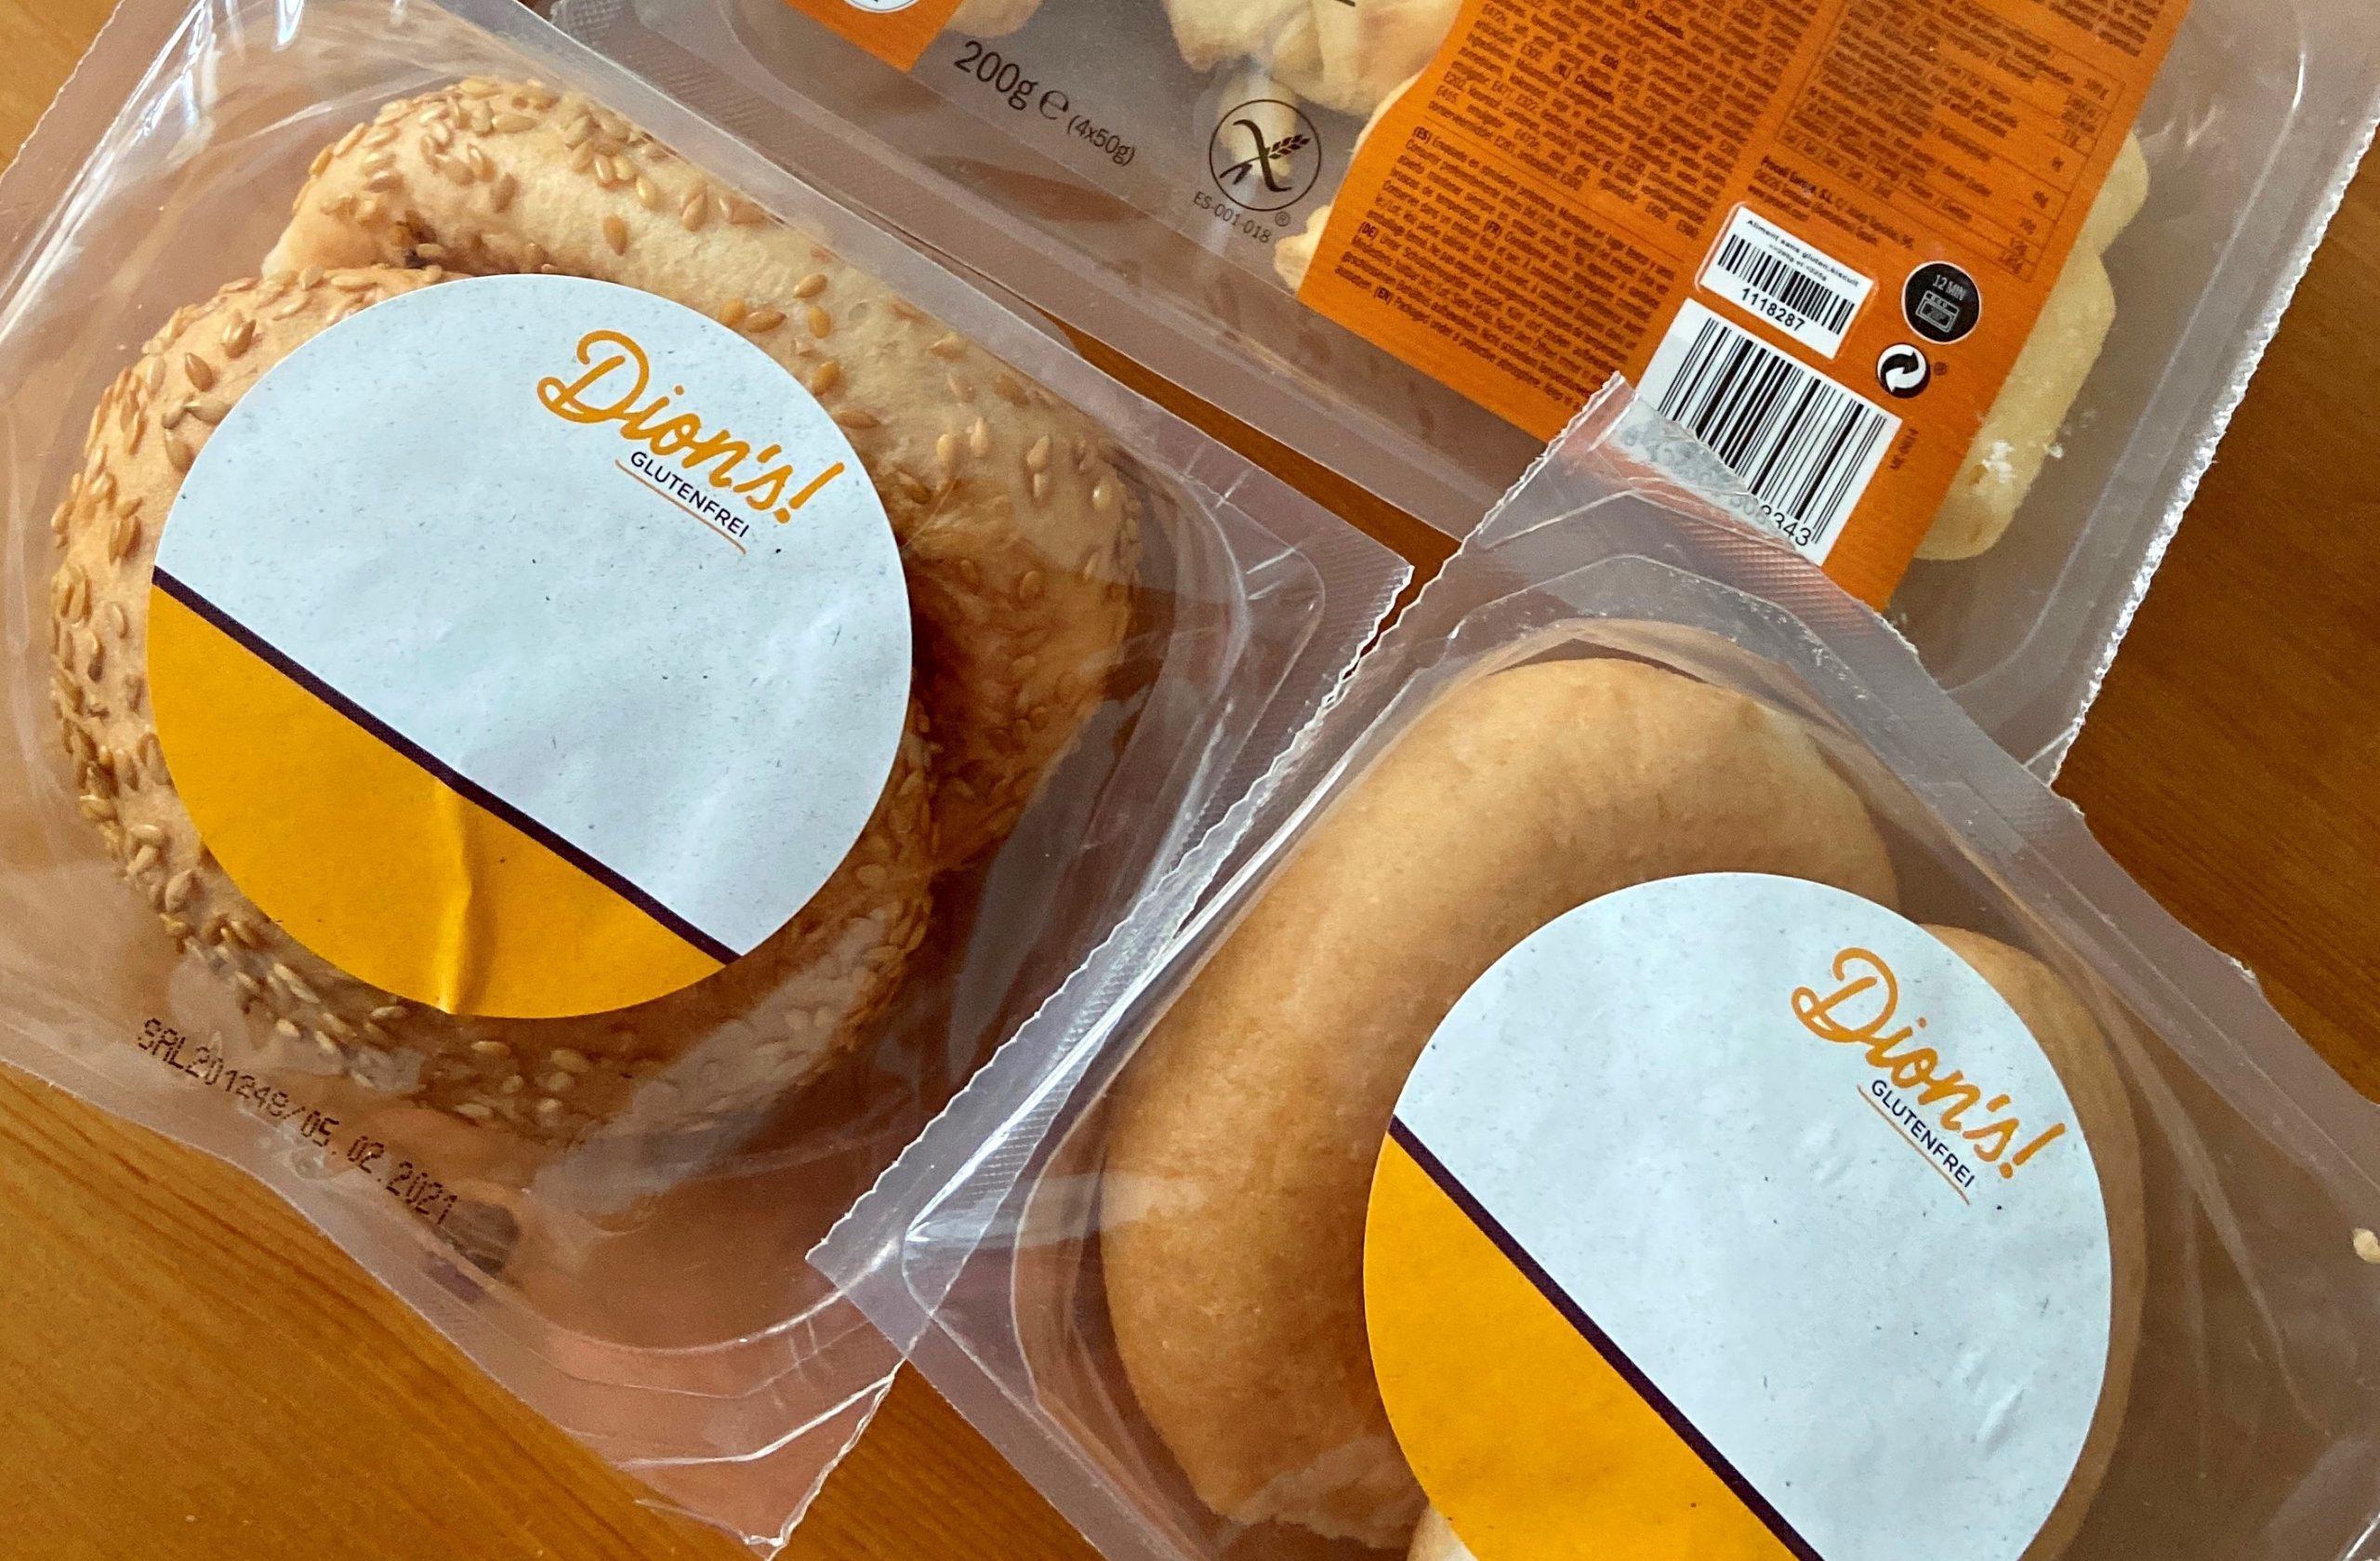 Dions! Glutenfrei - der 100% glutenfreie Shop in Wien